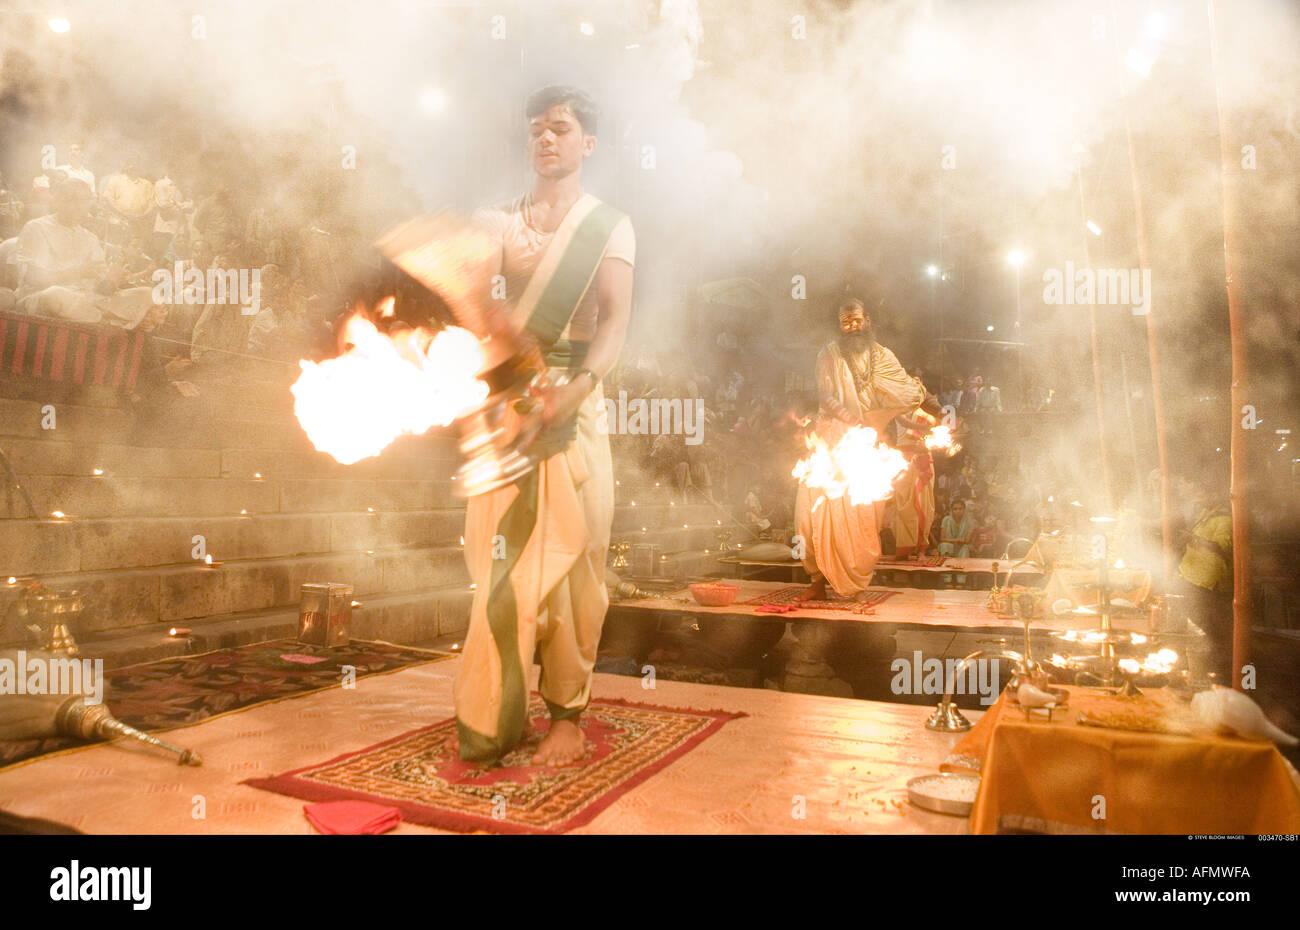 Les saints hommes hindous cérémonie religieuse puja Varanasi Inde Photo Stock